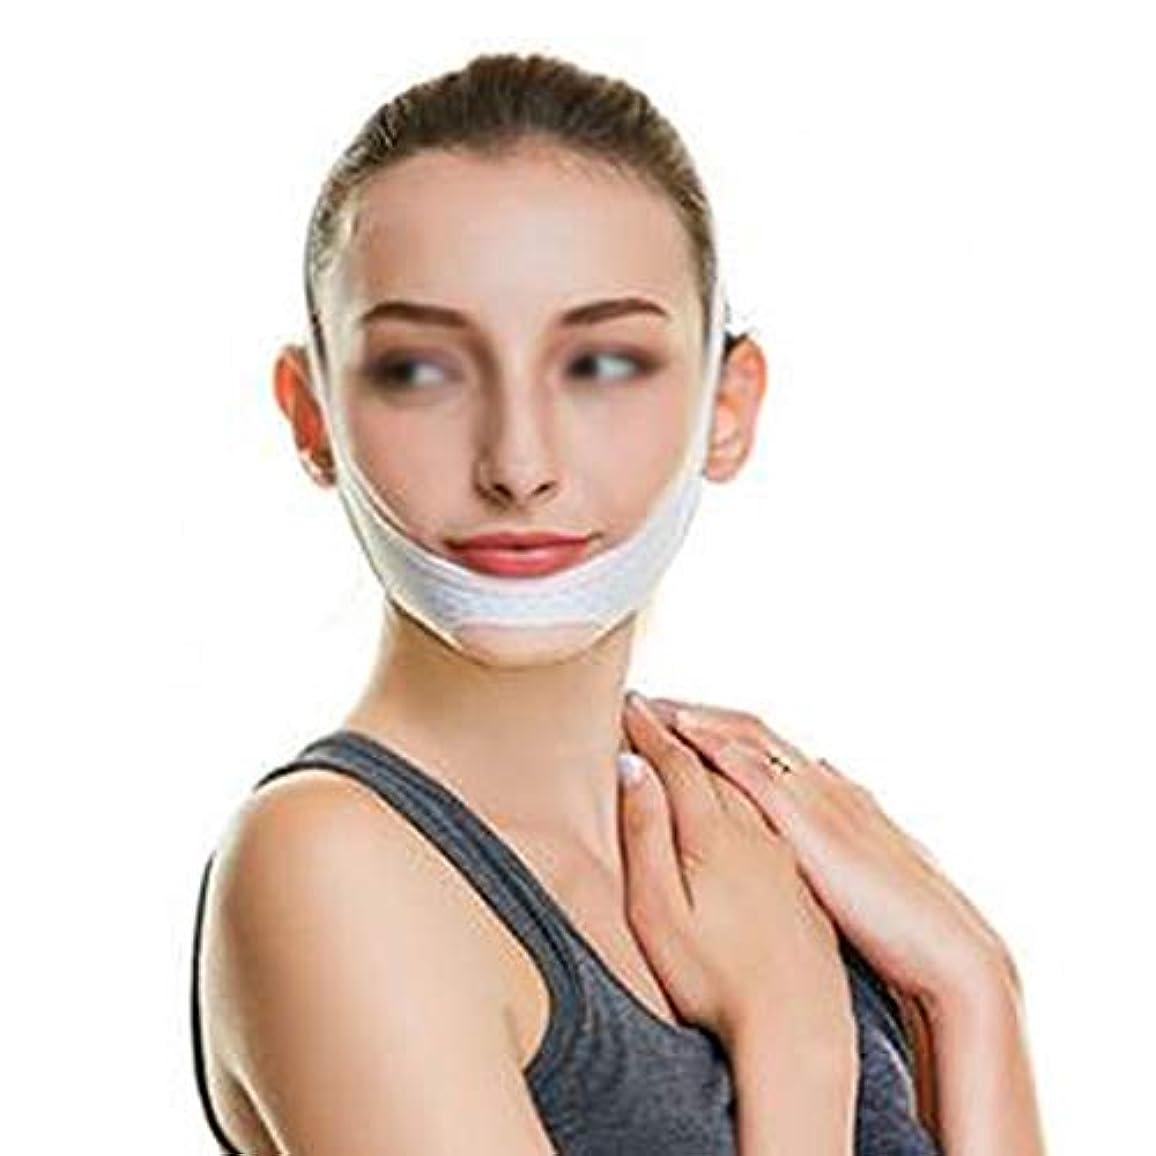 ディスパッチあそこ不誠実ZWBD フェイスマスク, Vフェイスアーティファクトメロンフェイスバンデージマスクを使用した薄顔